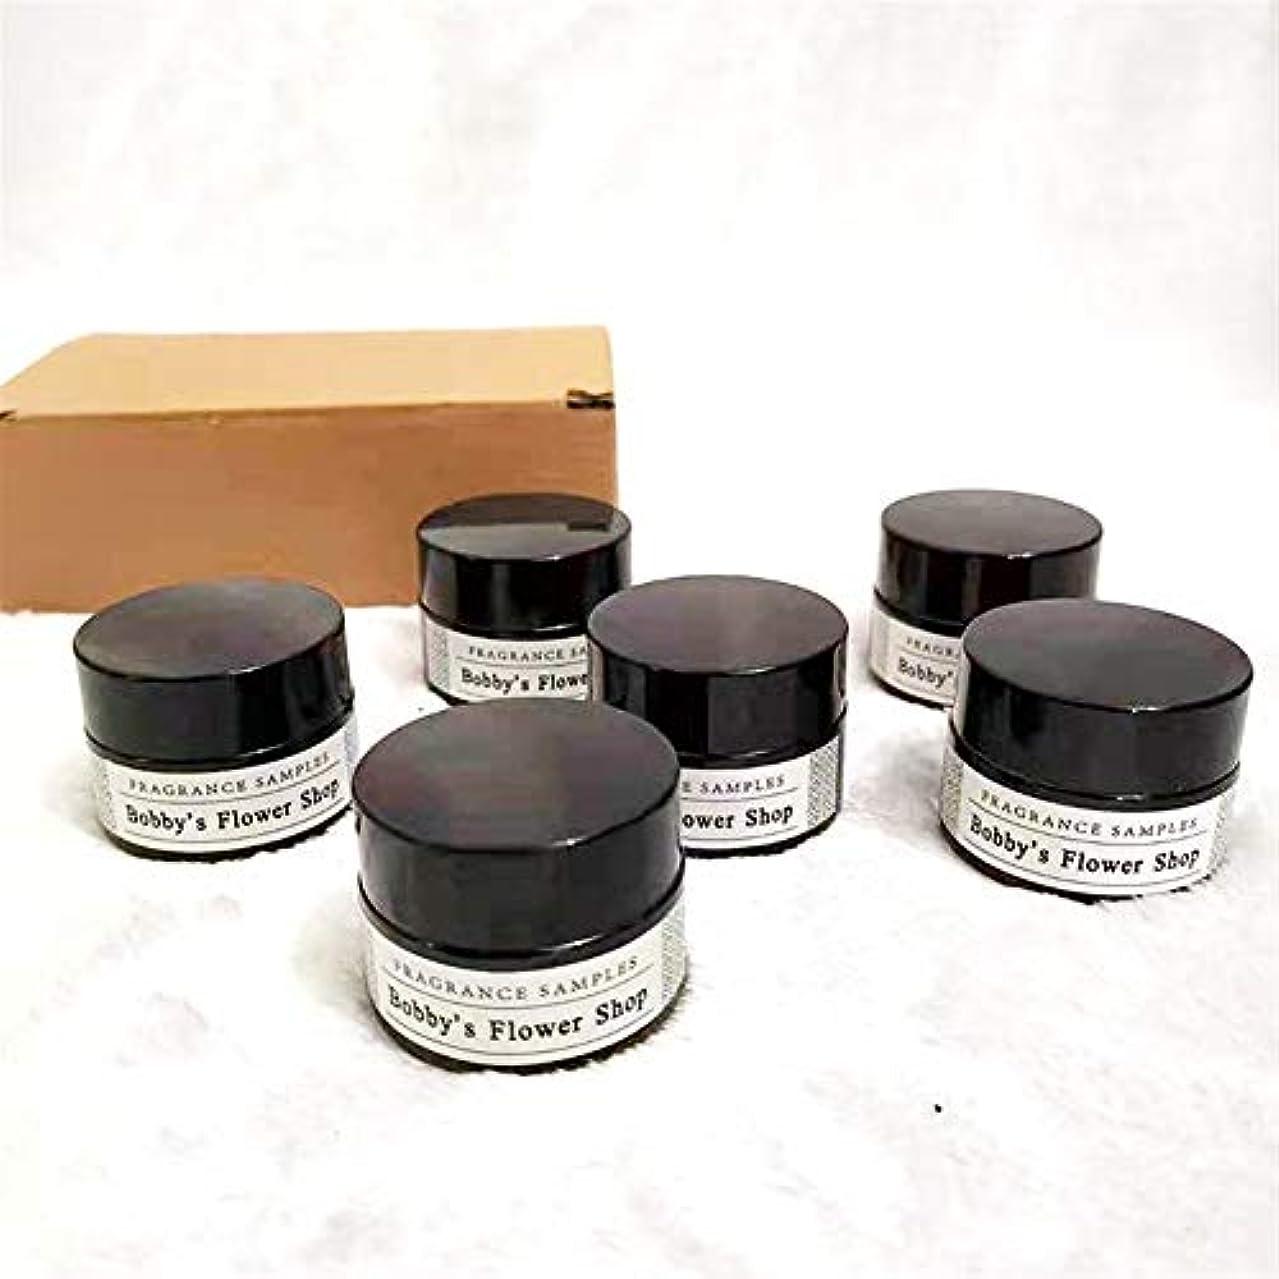 バルク補充不利Ztian アロマセラピーキャンドルグラス、ガラスの香りライブラリ、告白小道具、無煙の香り、大豆ワックス (色 : 14cm*9cm*4.6cm)